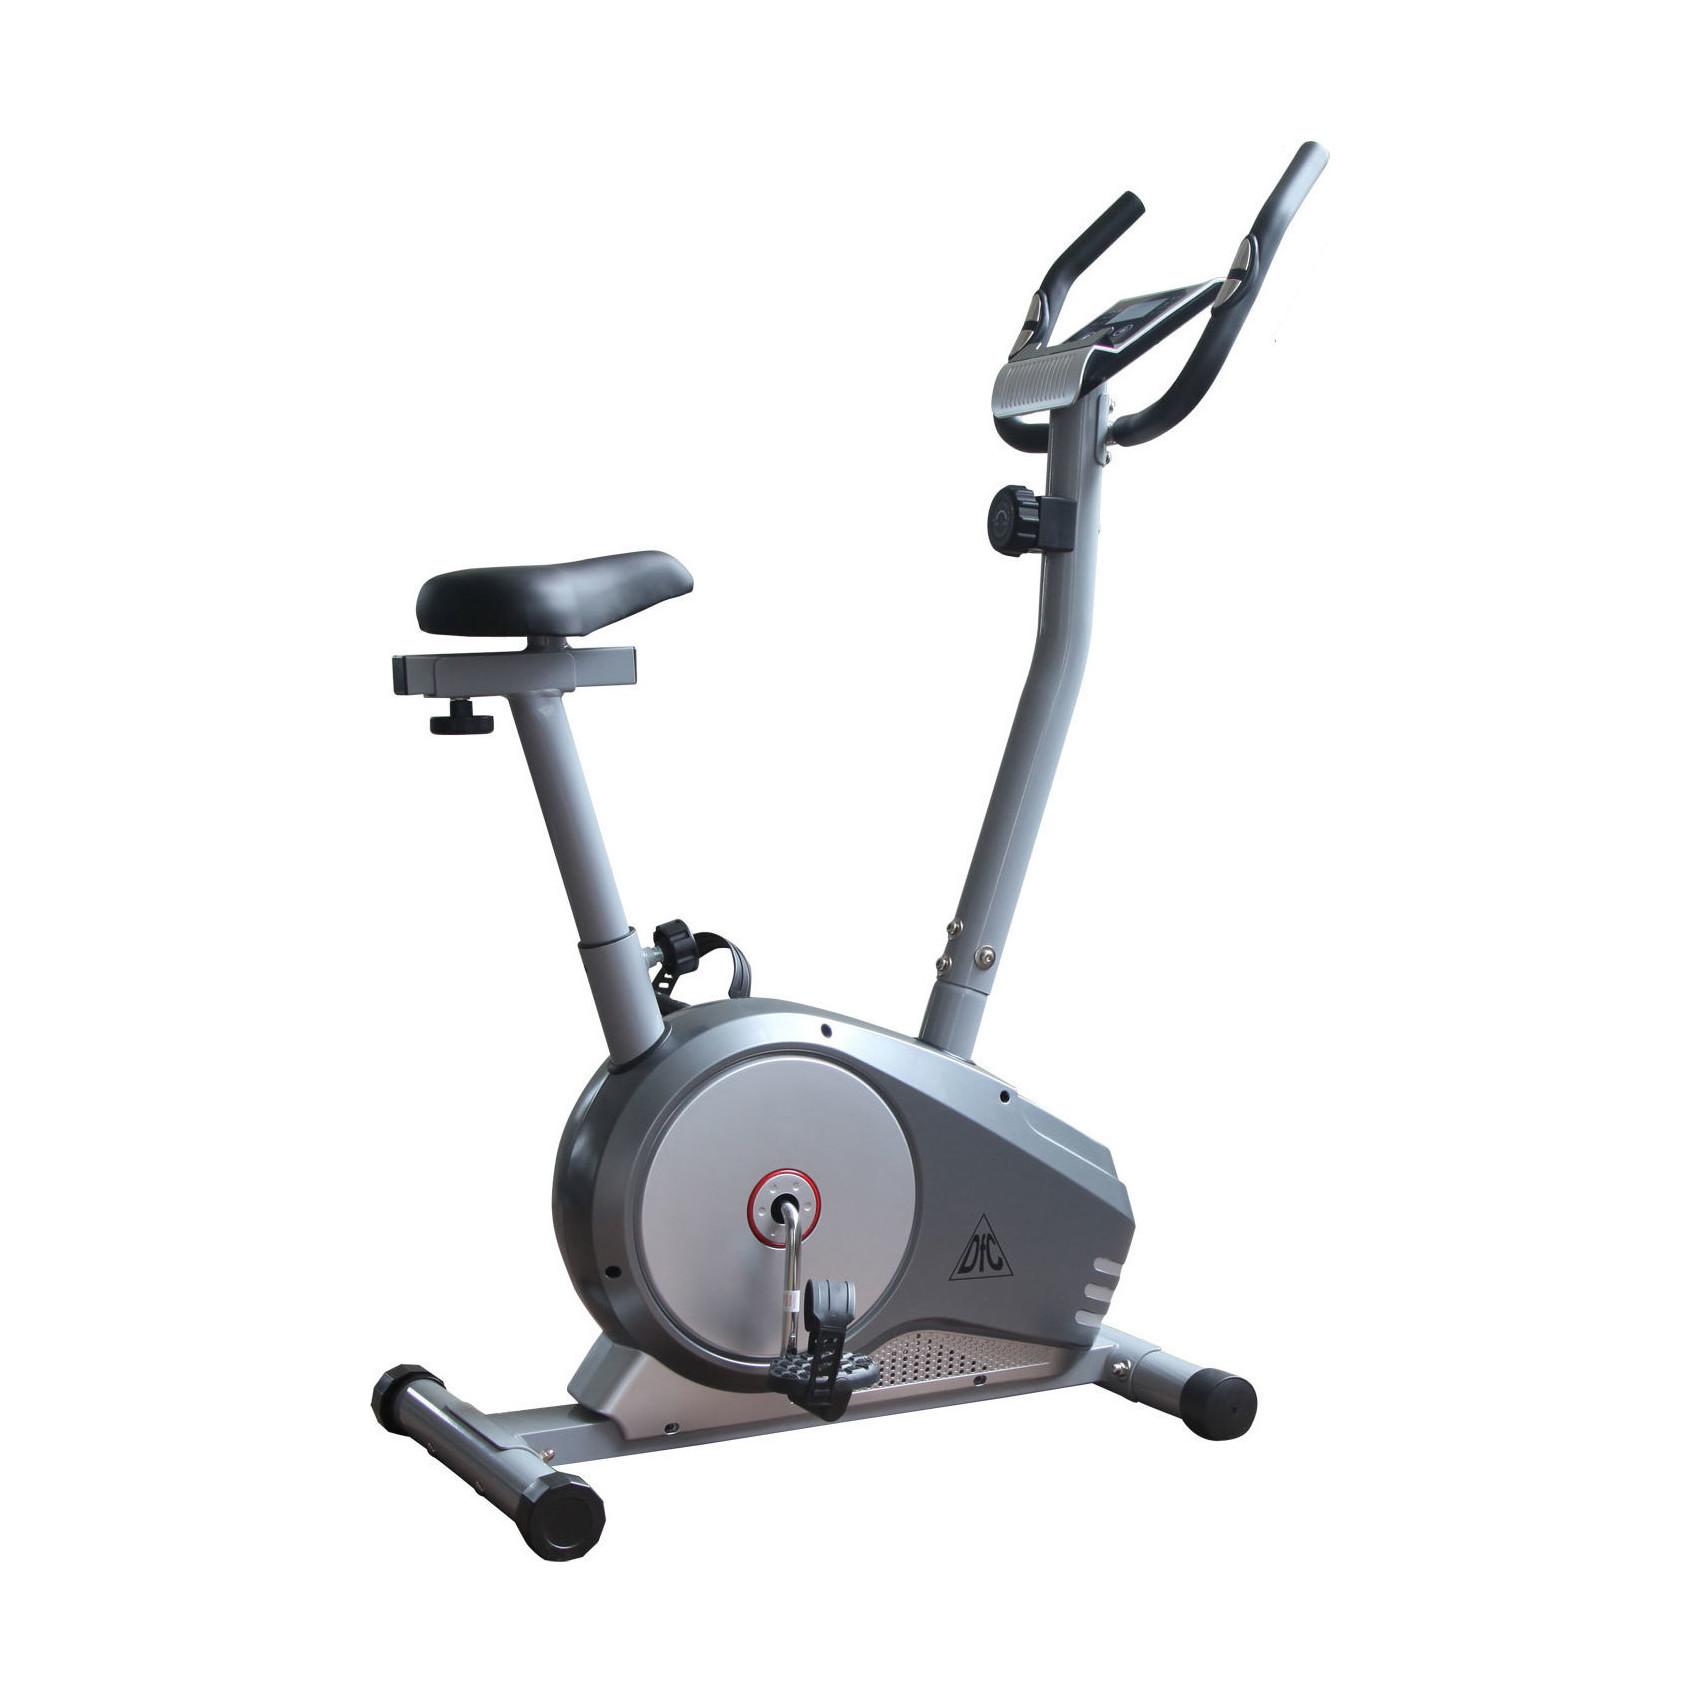 Велотренажер DFC B8508 велотренажер dfc pluton b5010 горизонтальный